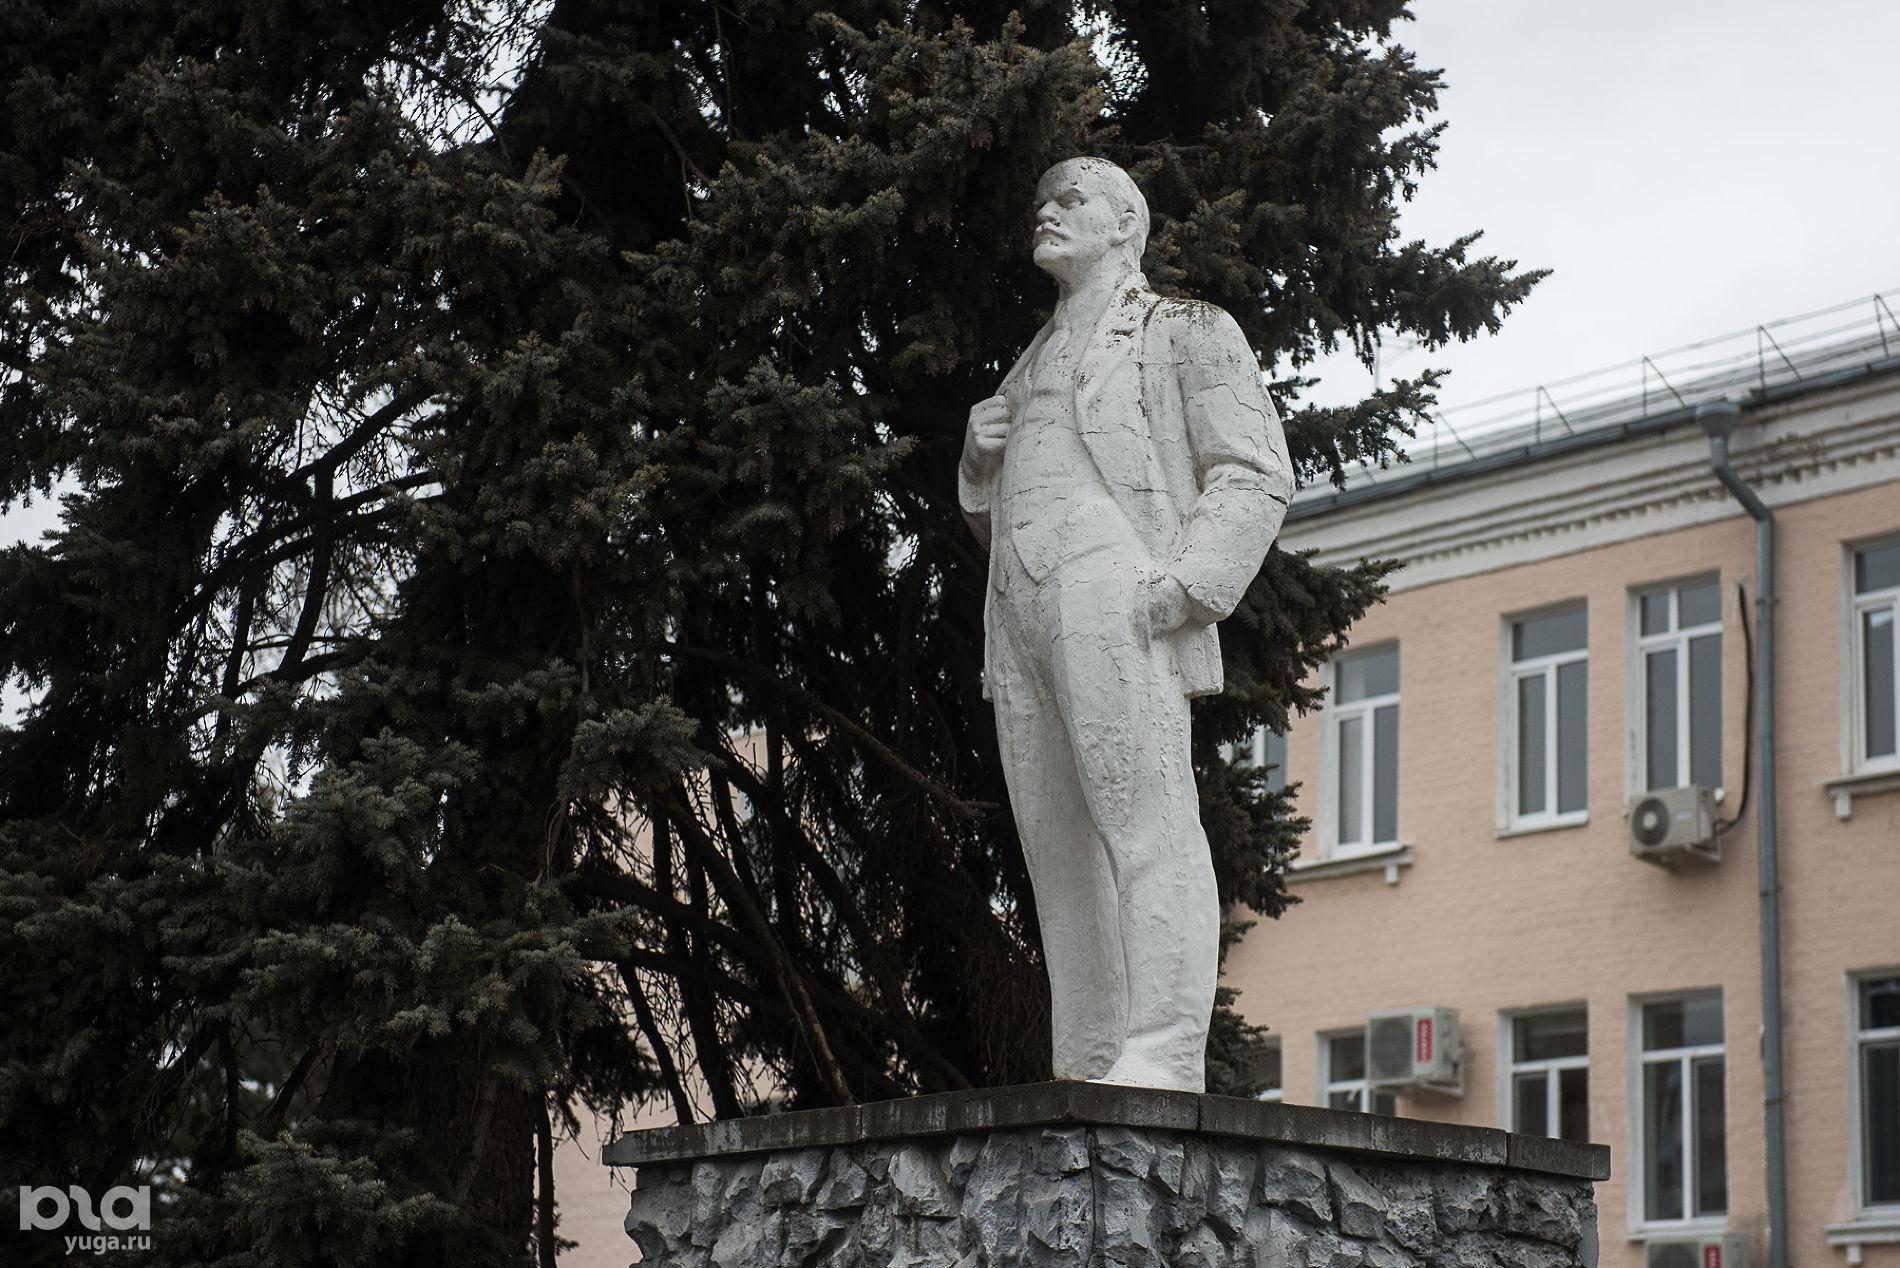 Памятник Ленину перед зданием бывшего ДК ХБК на улице Стасова ©Фото Елены Синеок, Юга.ру